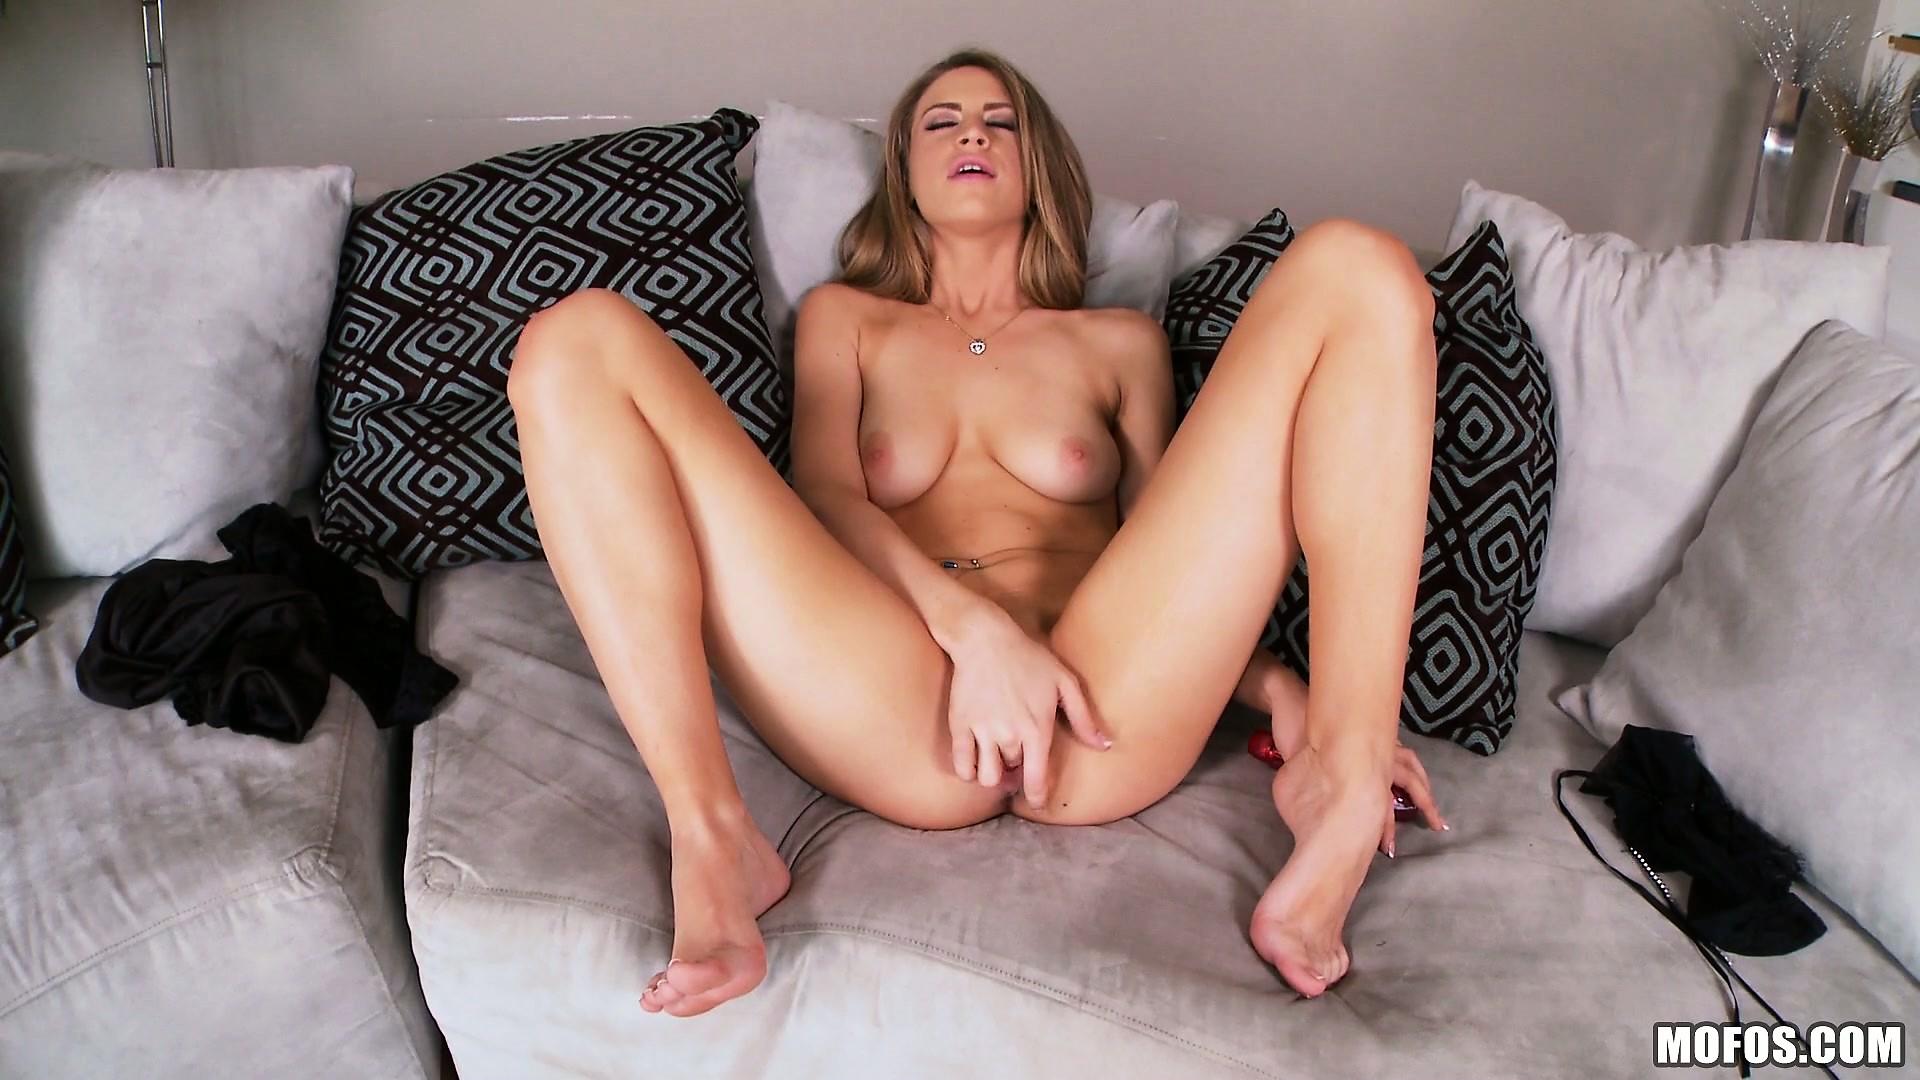 Big ass pussy open